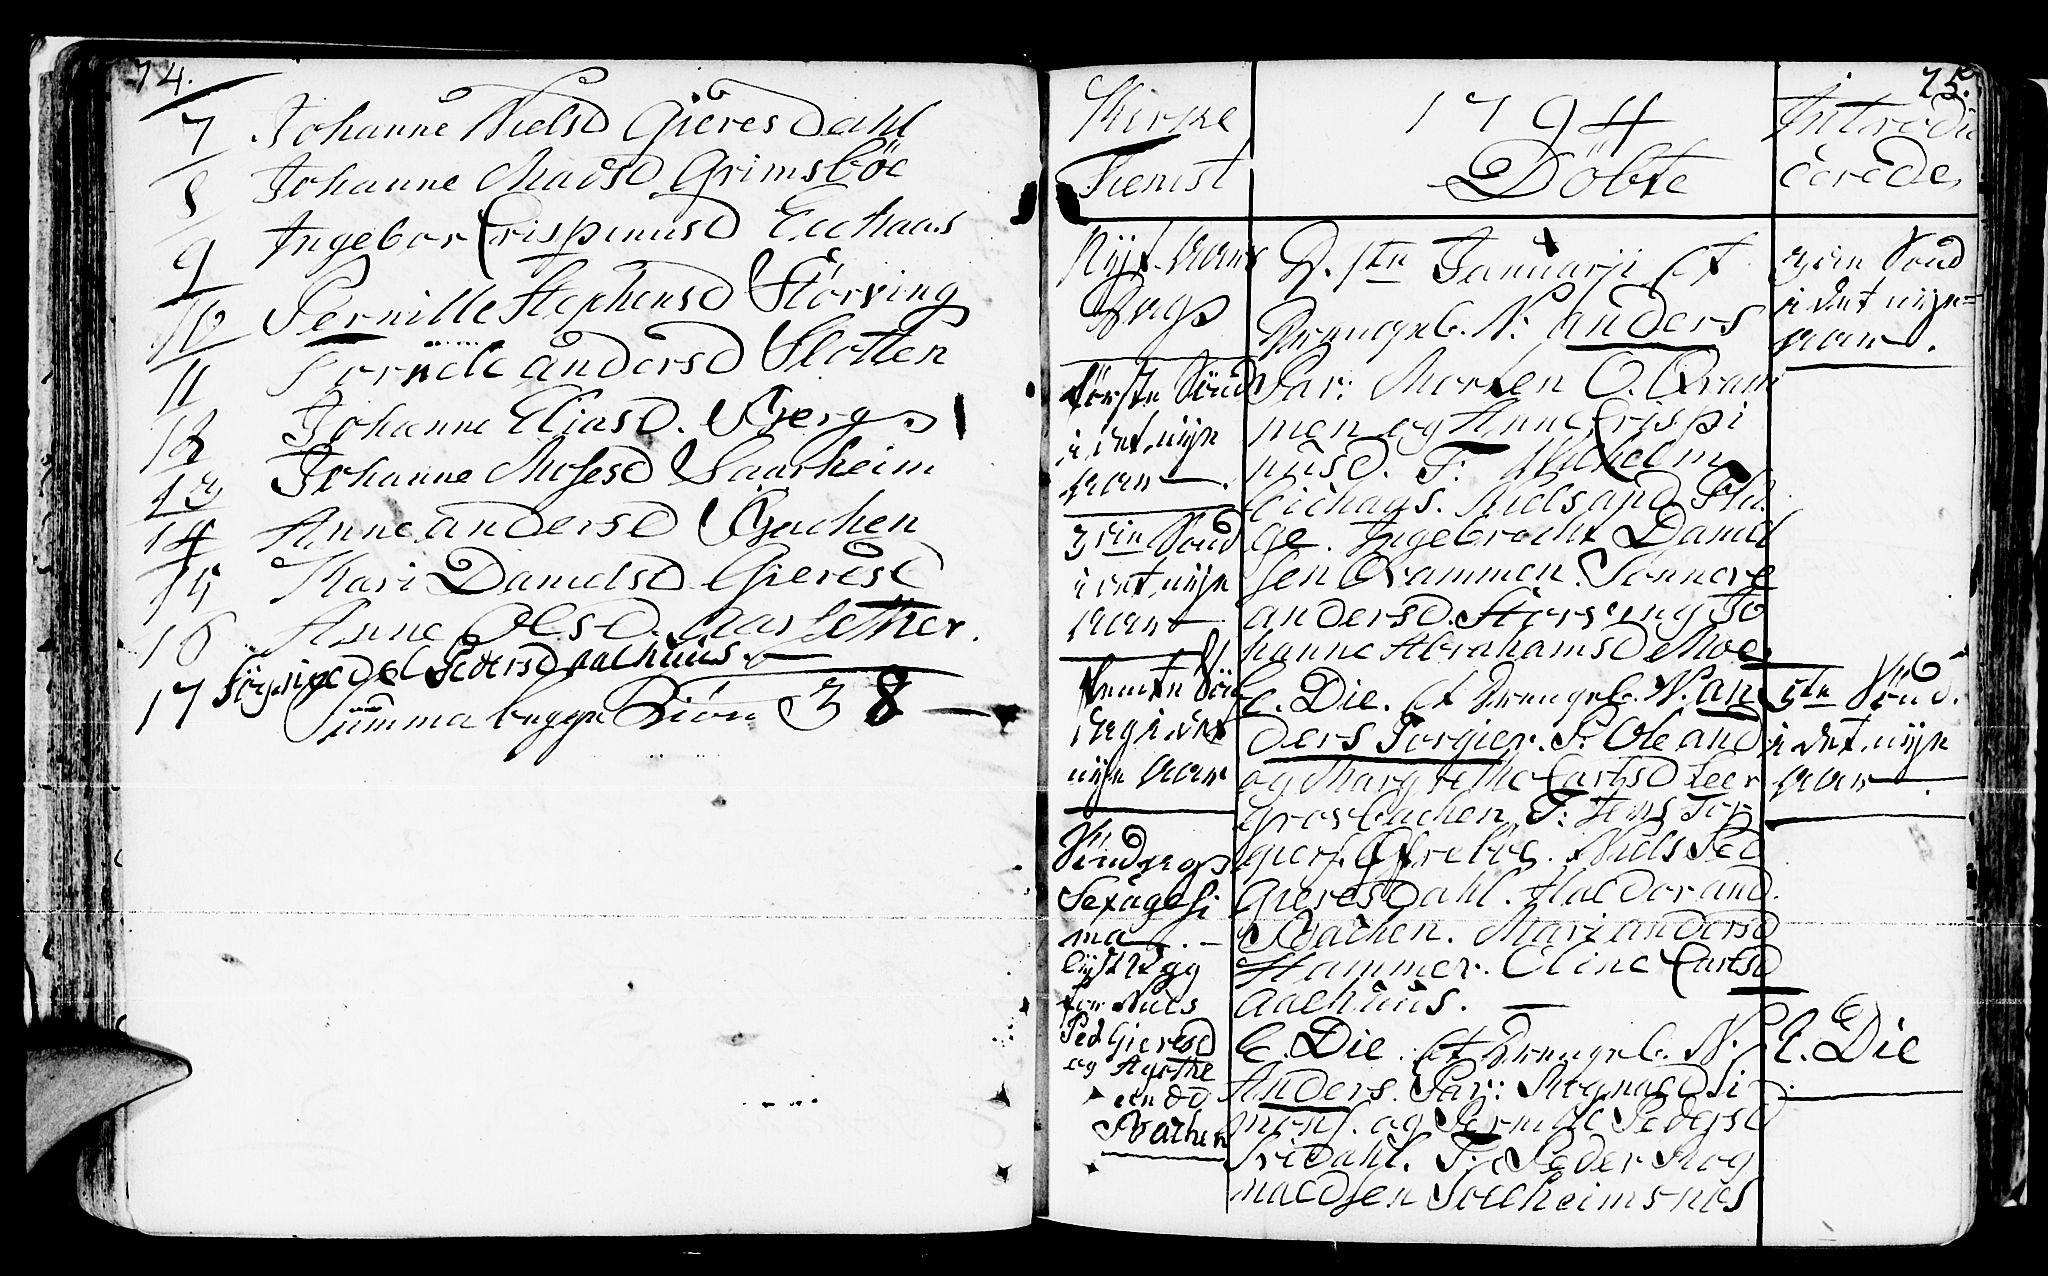 SAB, Jølster Sokneprestembete, H/Haa/Haaa/L0005: Ministerialbok nr. A 5, 1790-1821, s. 74-75